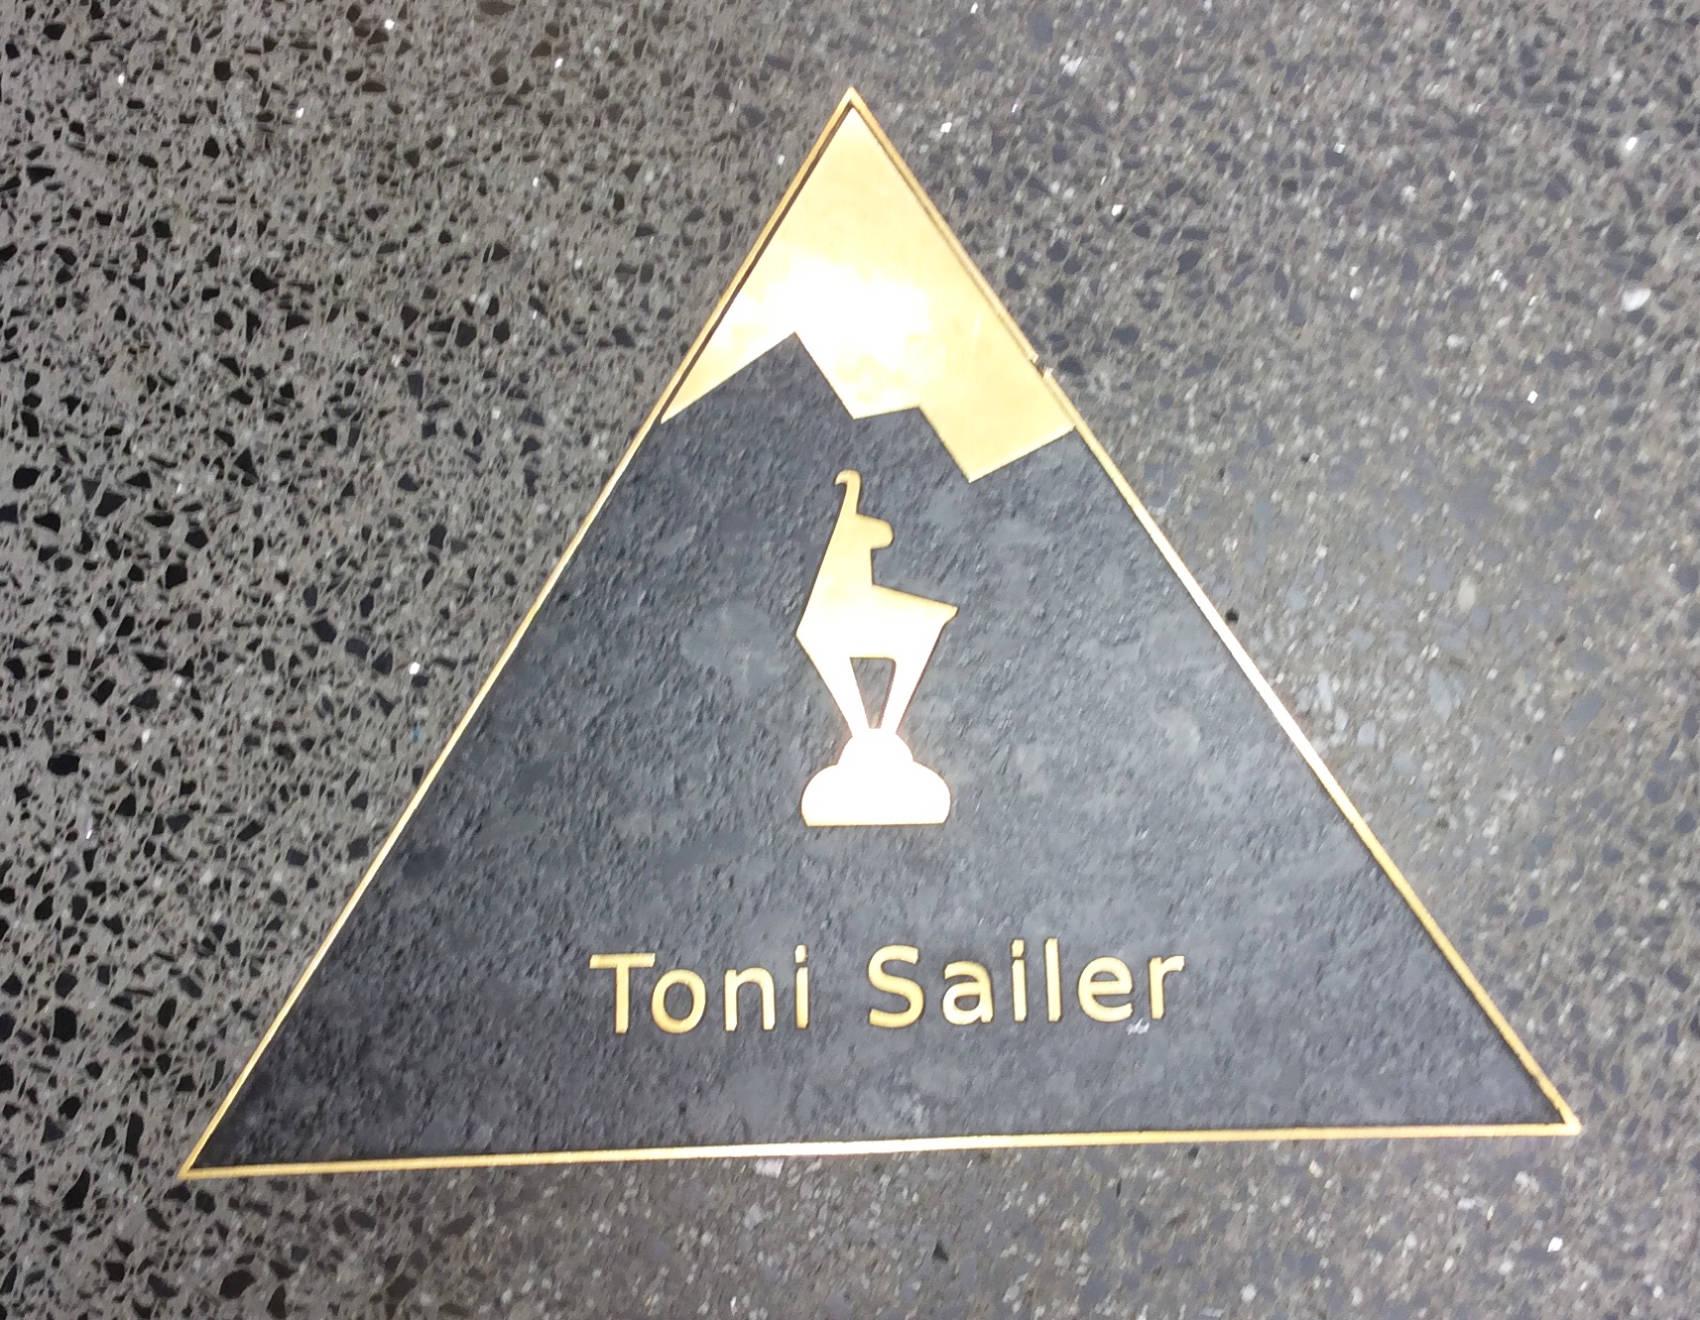 Toni Sailer